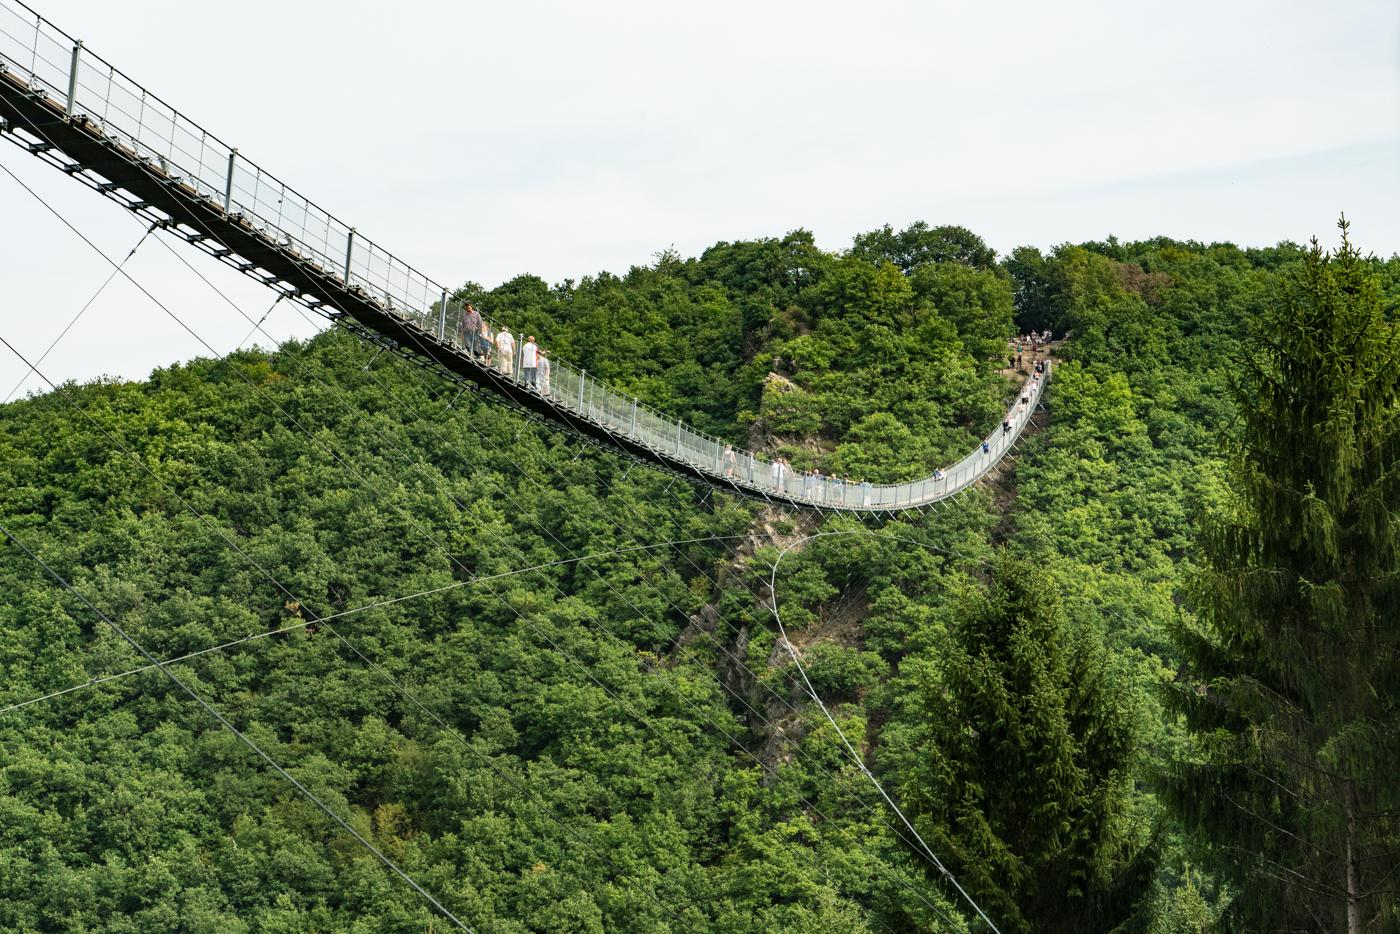 Geierlay – Fußgänger-Hängeseilbrücke